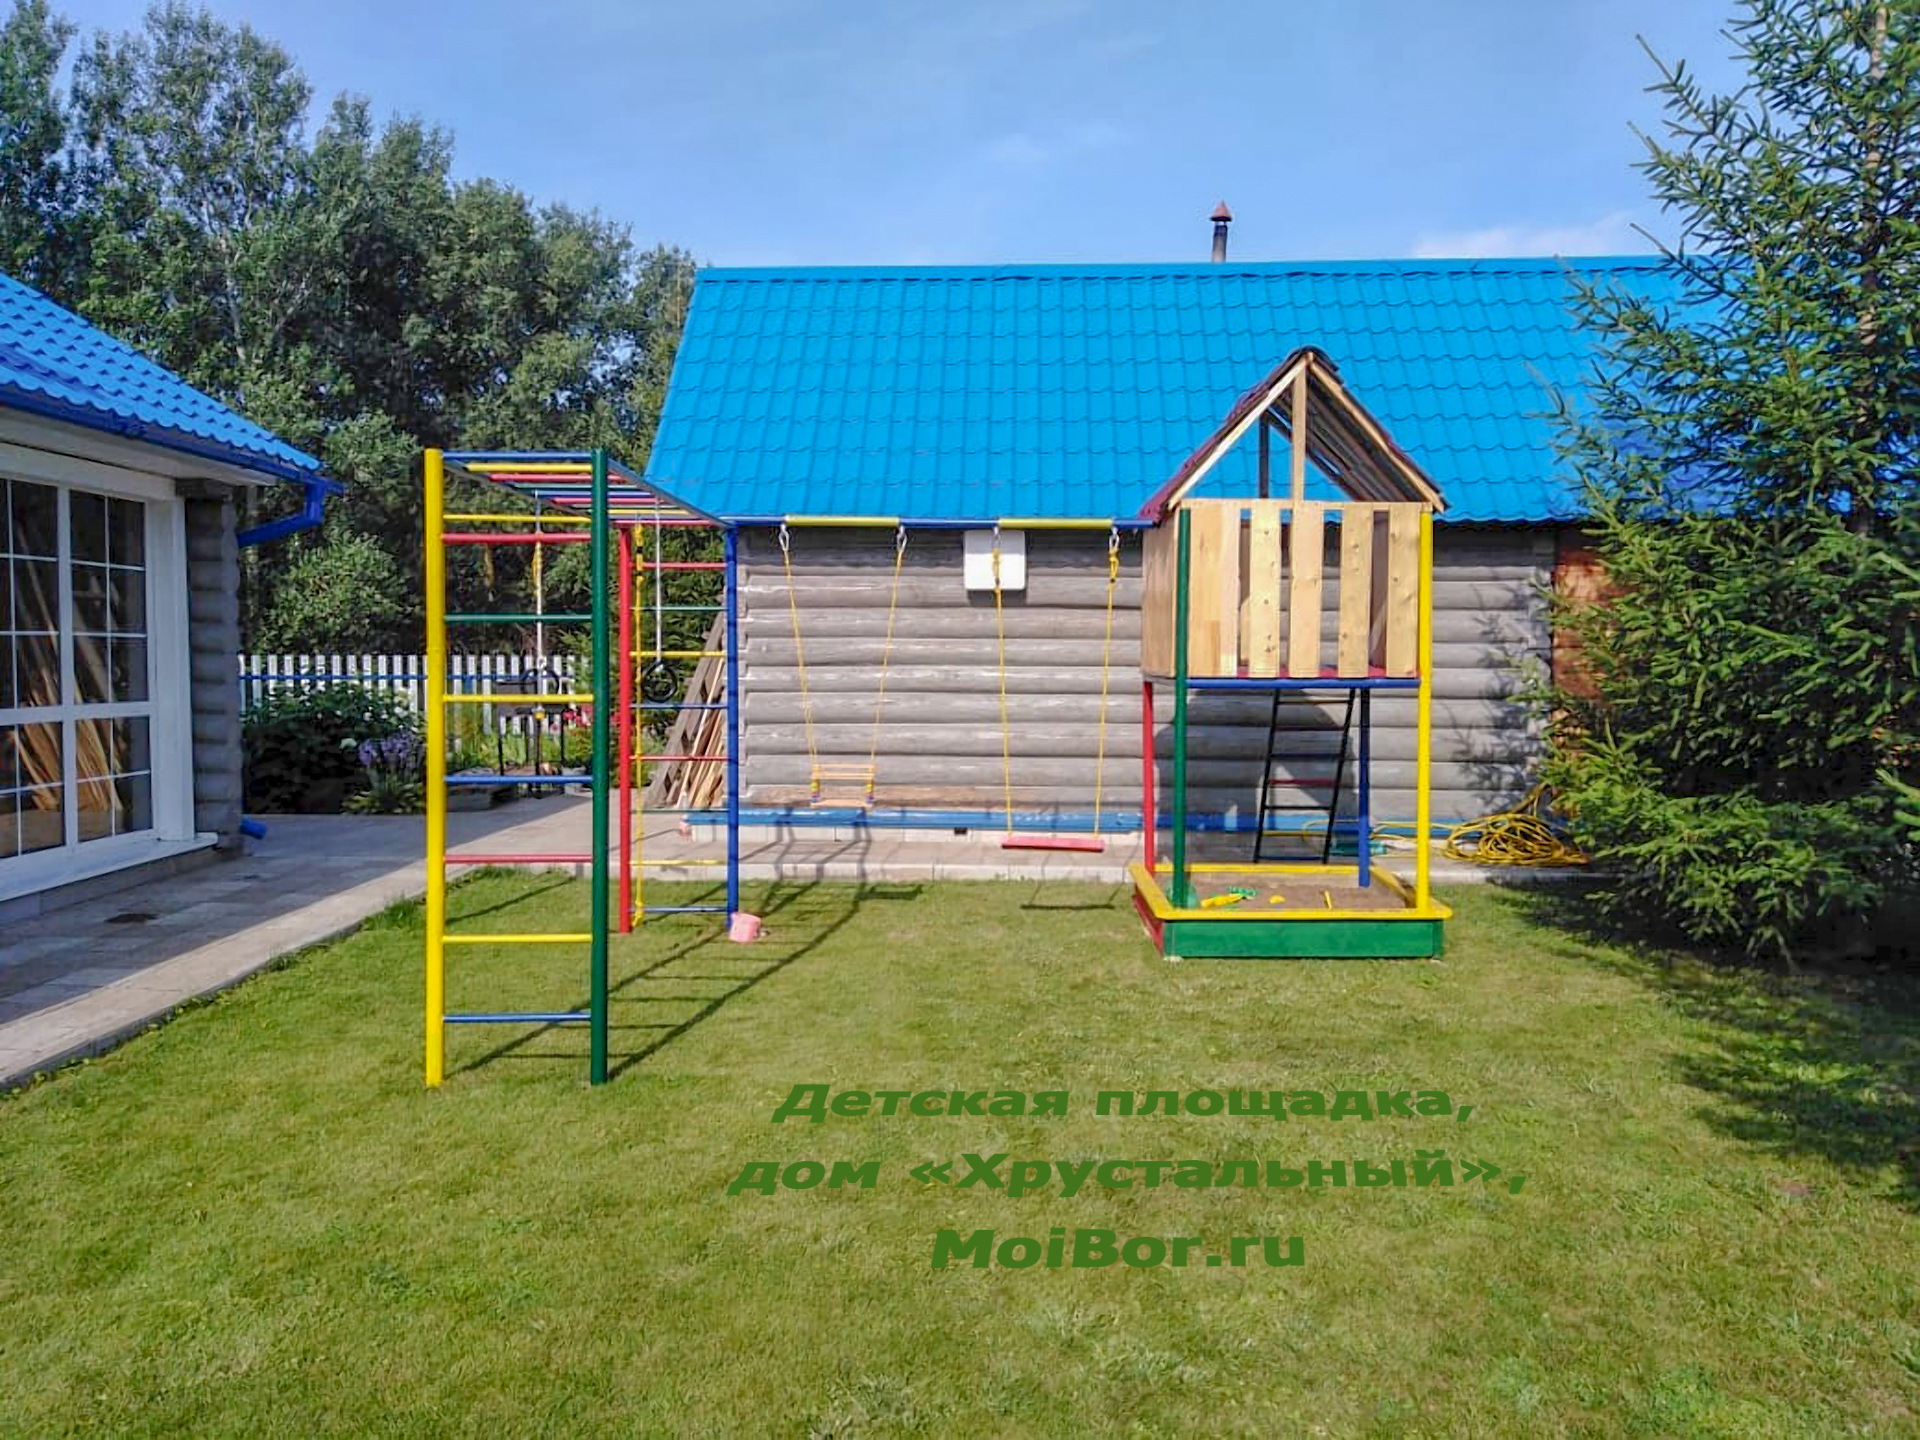 Детская площадка Бузулукский бор